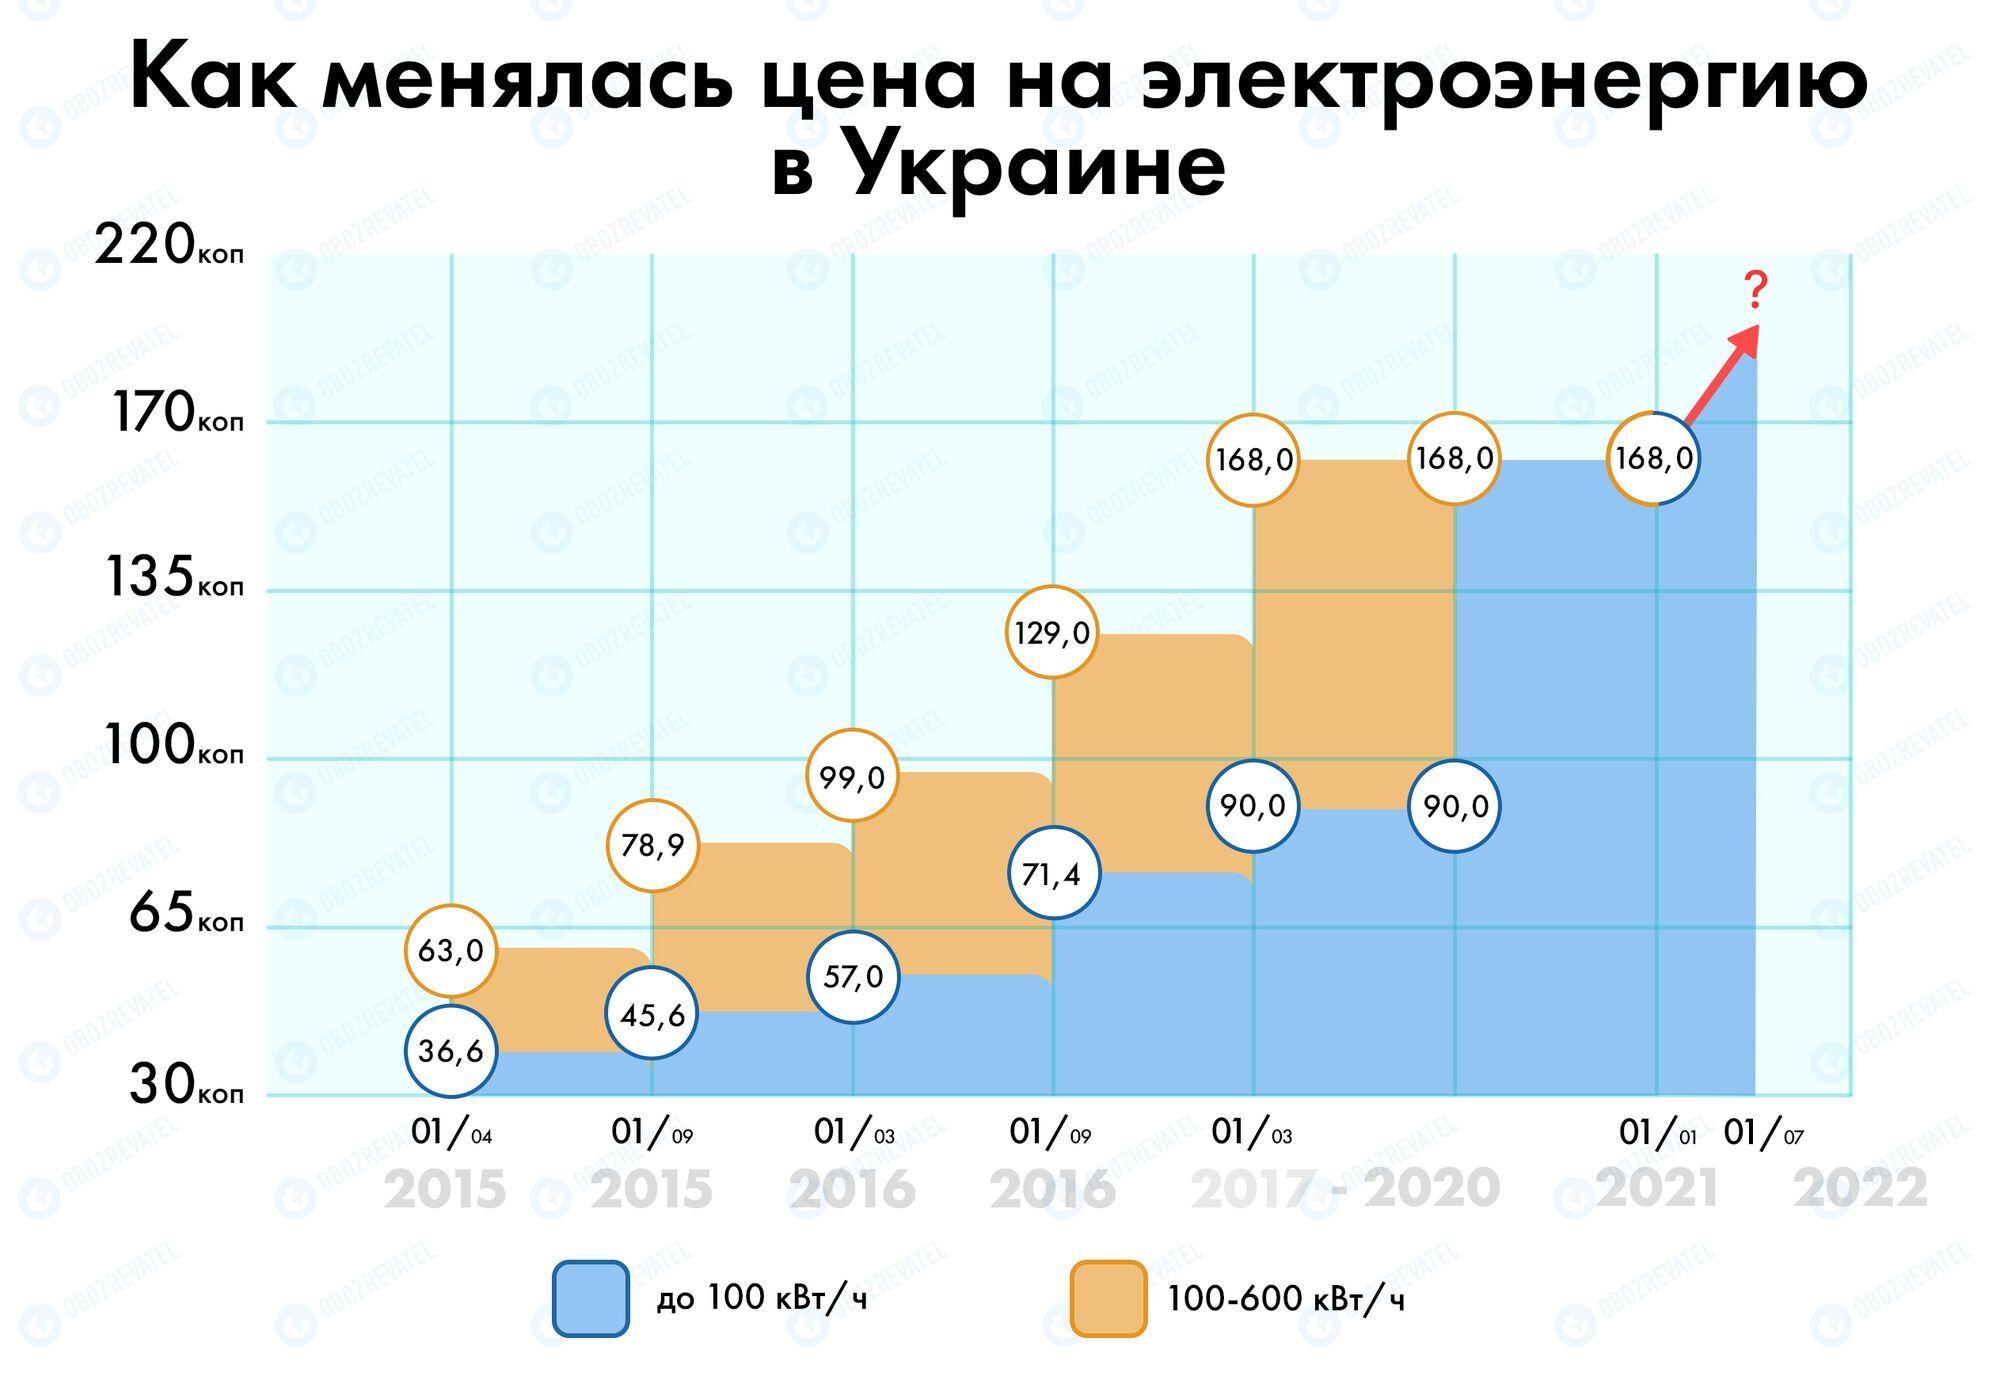 Як змінювався тариф на електроенергію